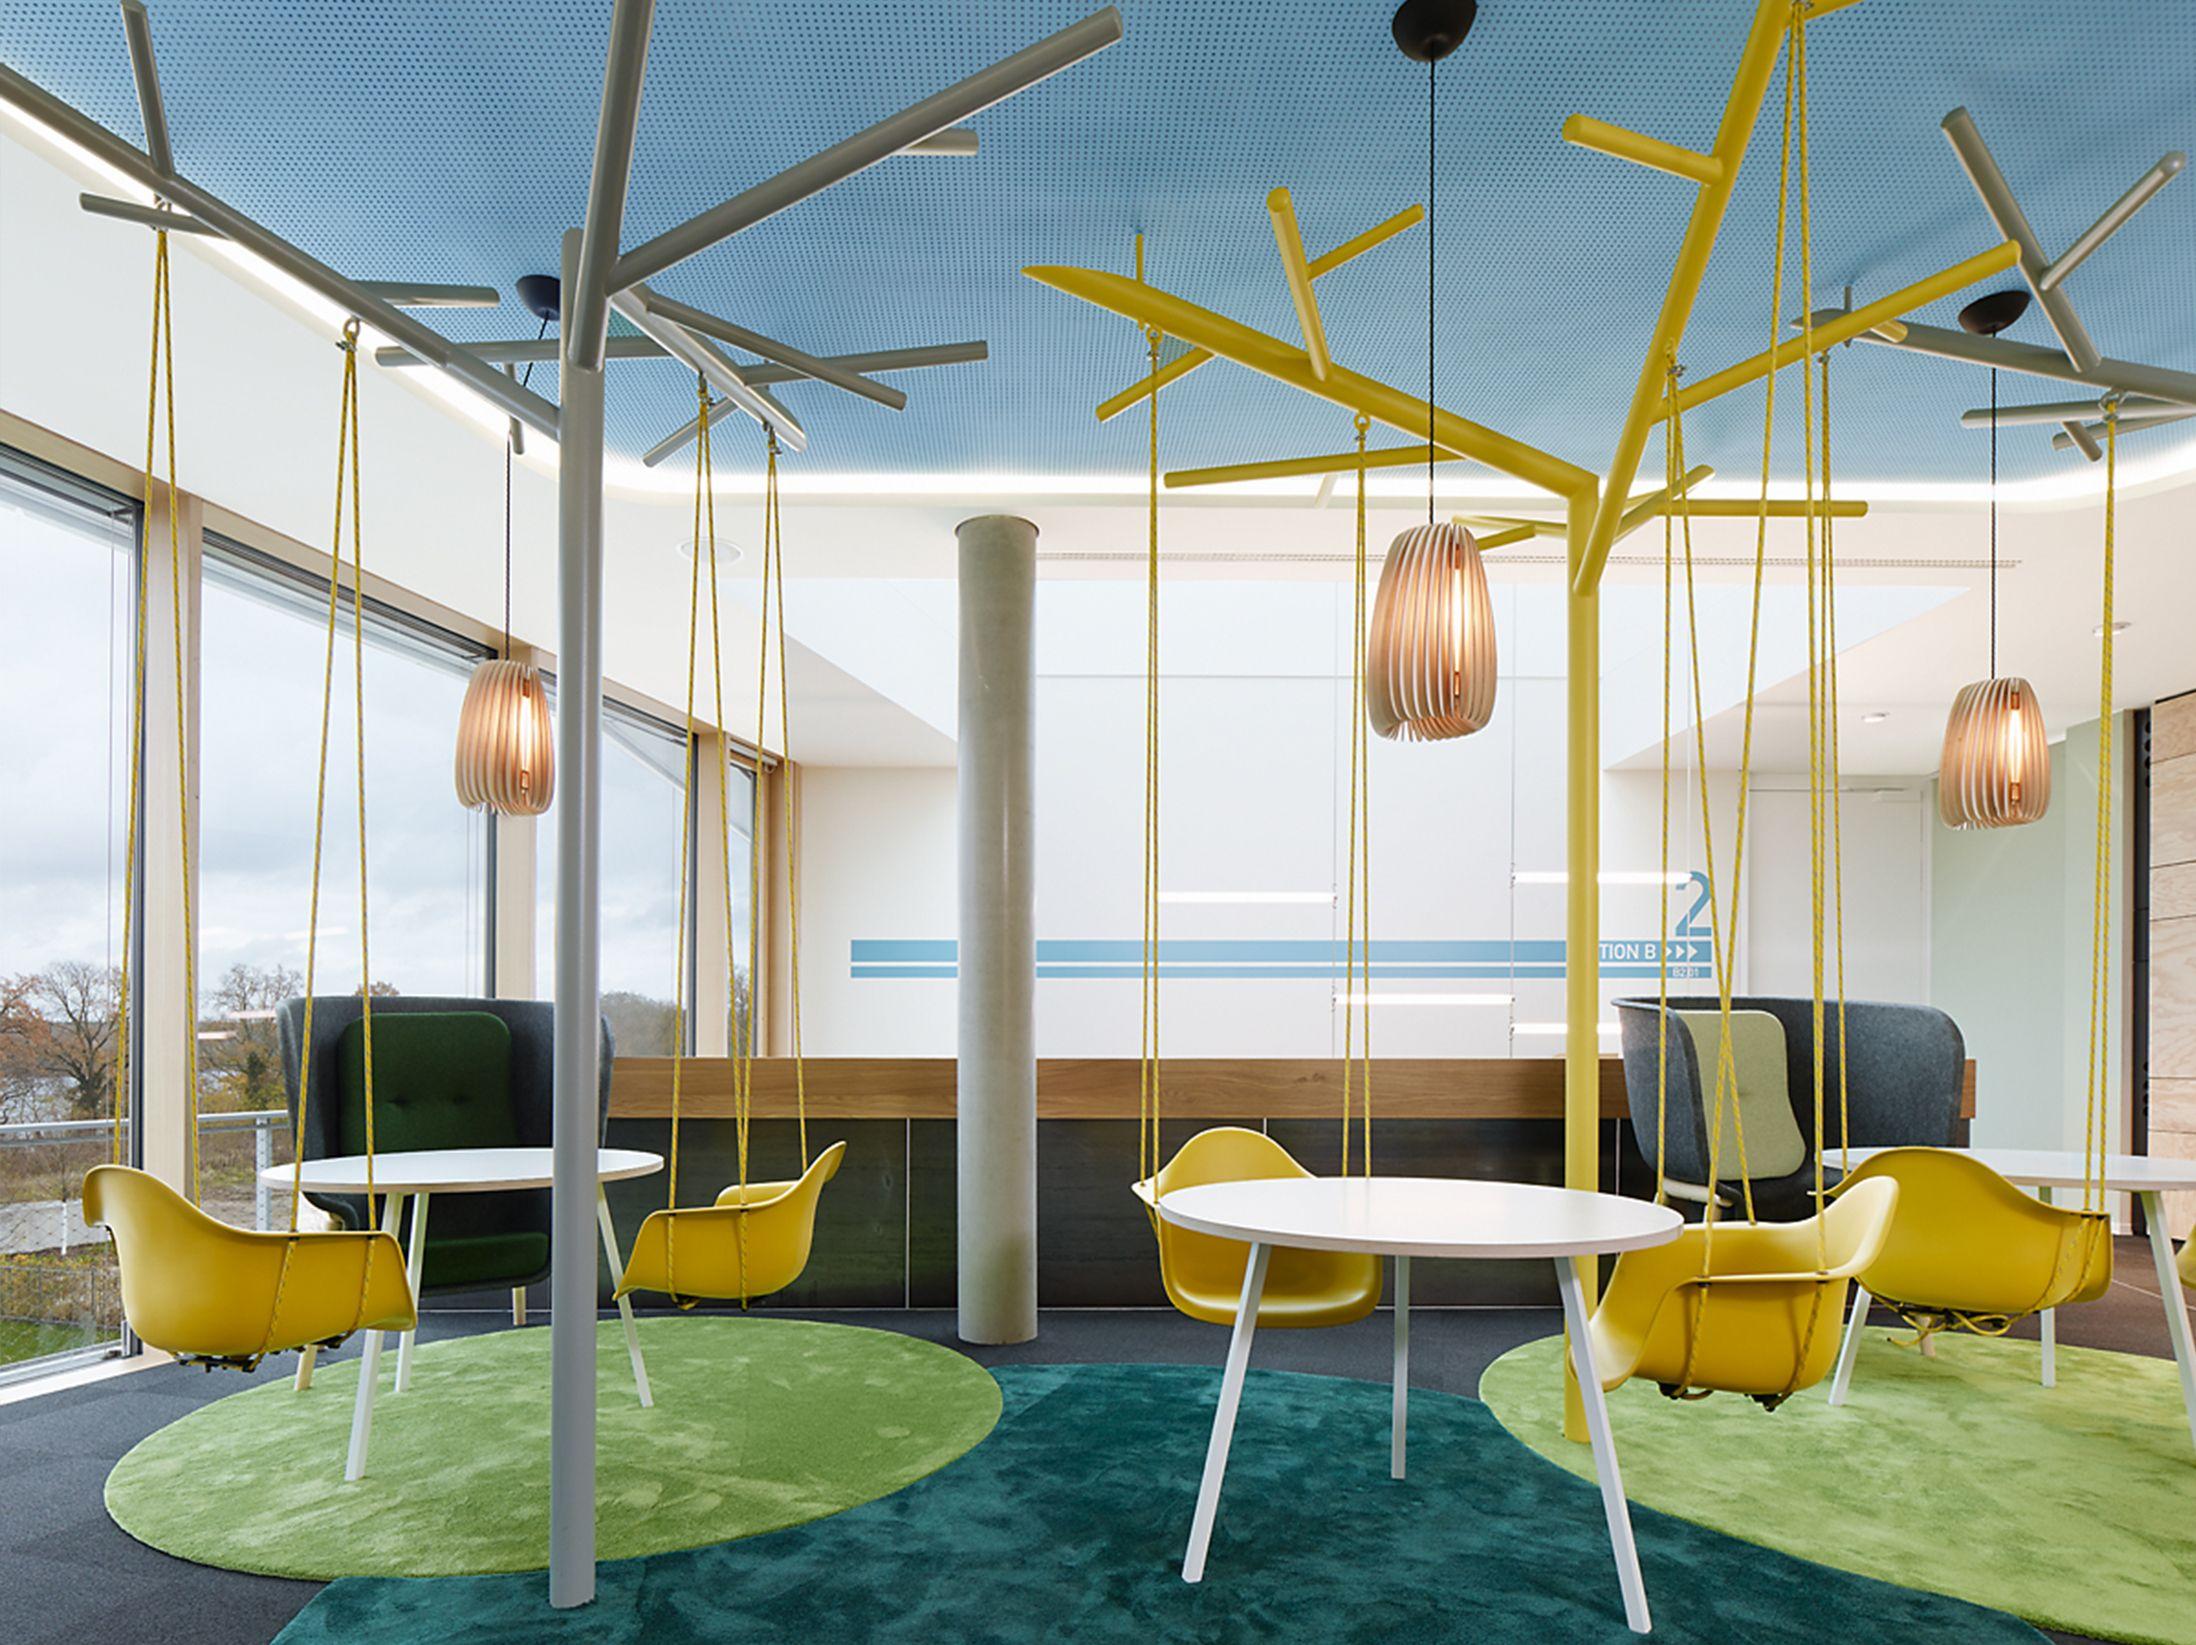 Teppich in unterschiedlicher Farbe zur Abgrenzung SAP Potsdam ...